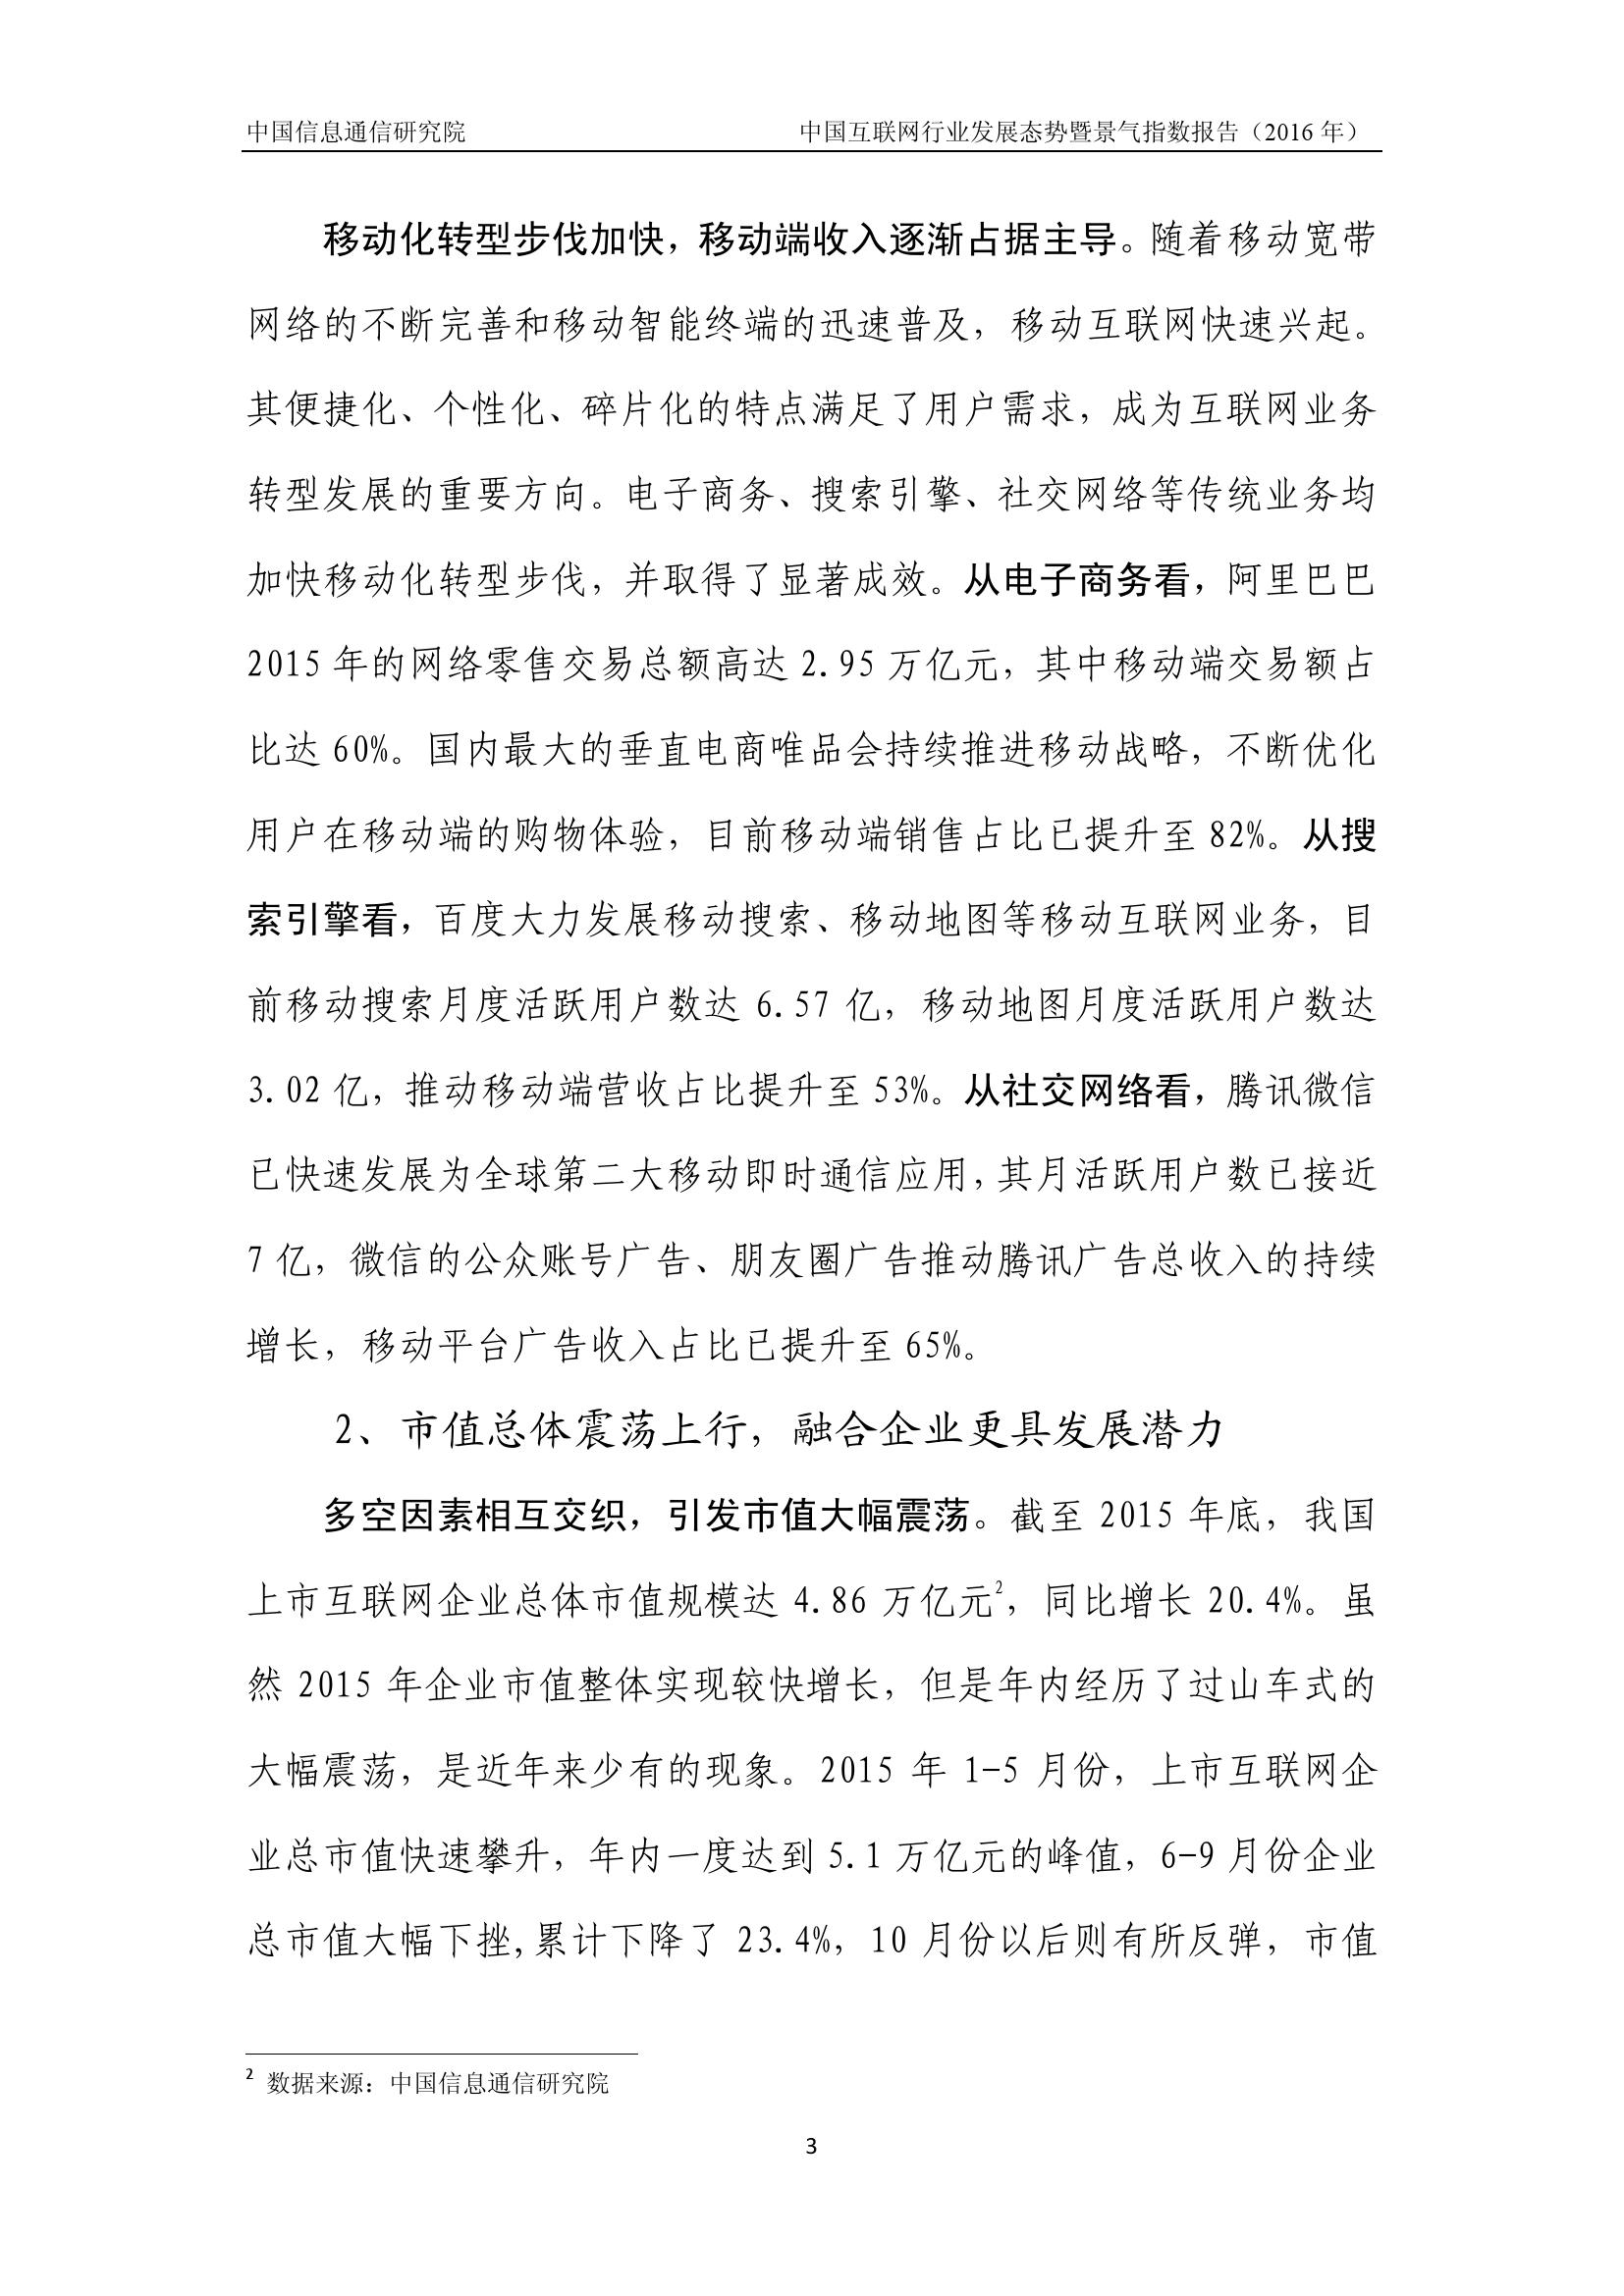 2016年中国互联网行业发展态势暨景气指数报告_000007